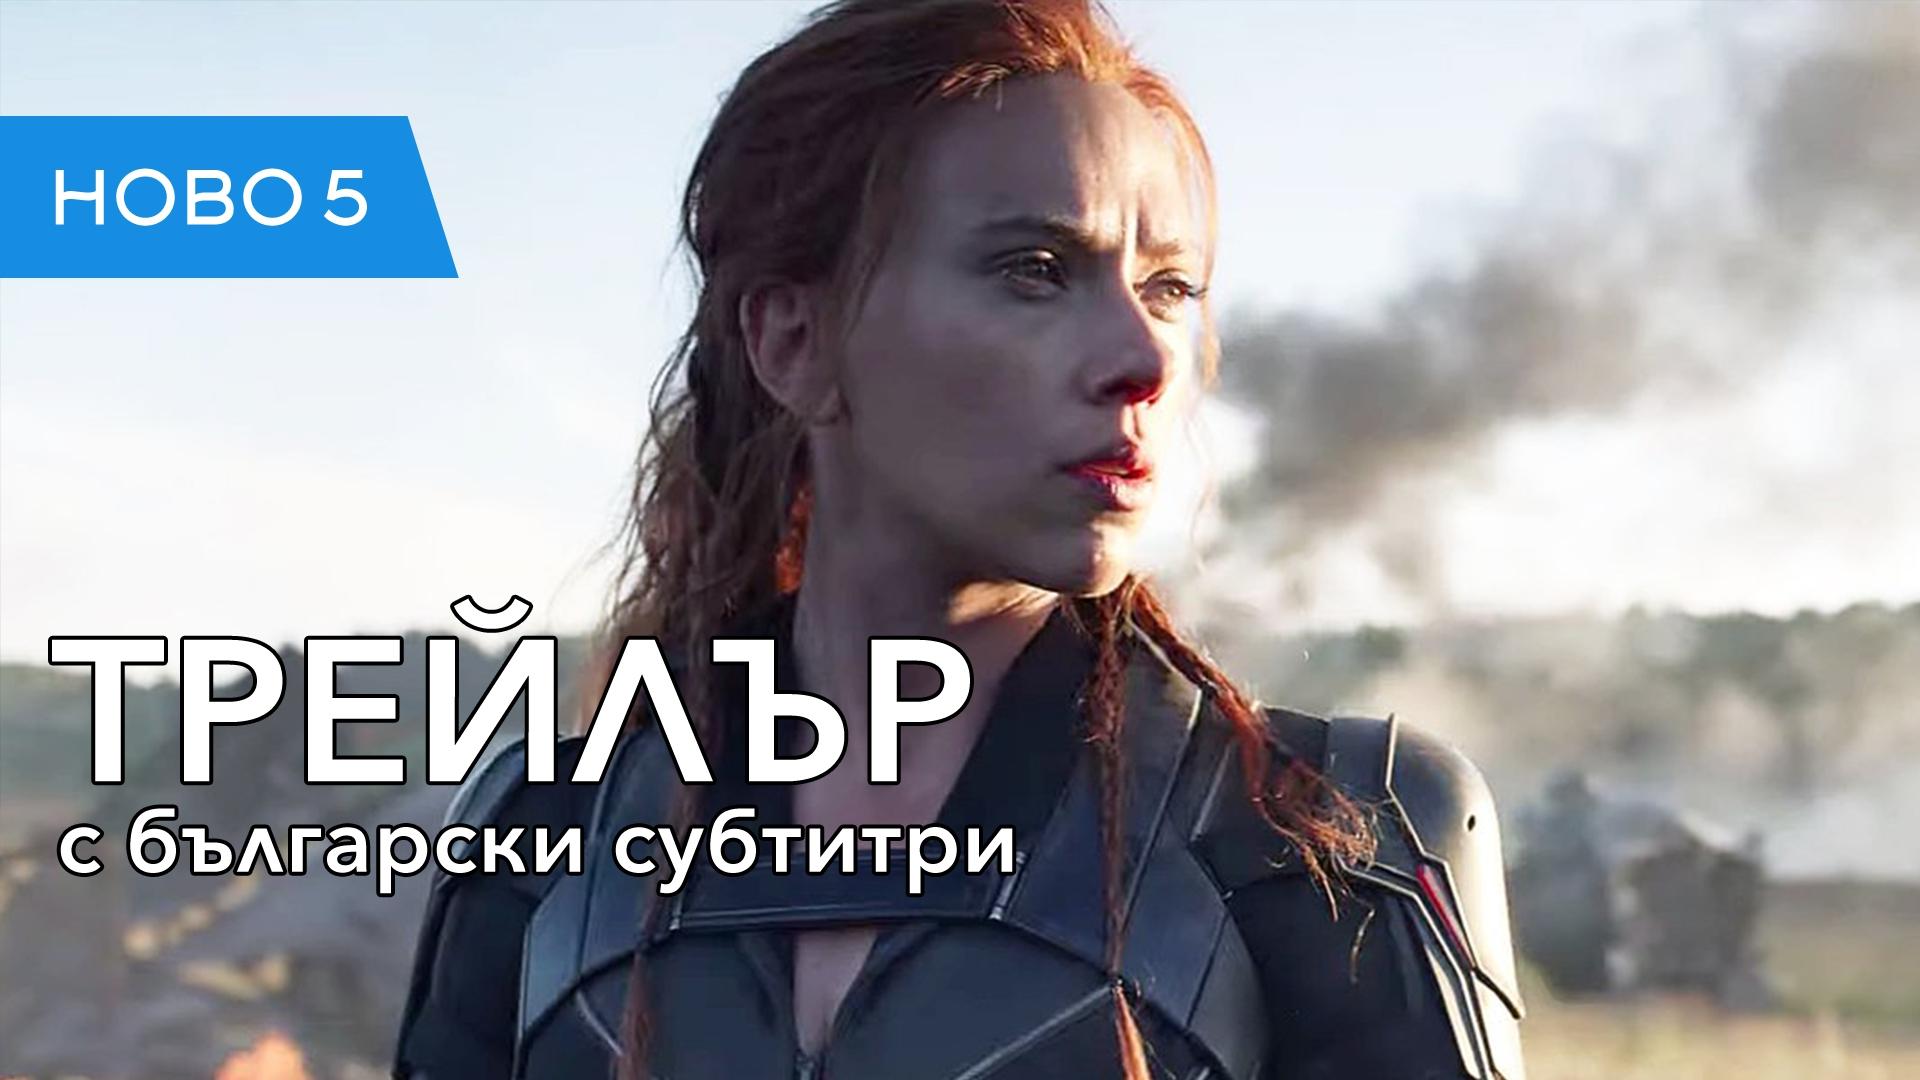 Черната вдовица (2020) първи трейлър с български субтитри